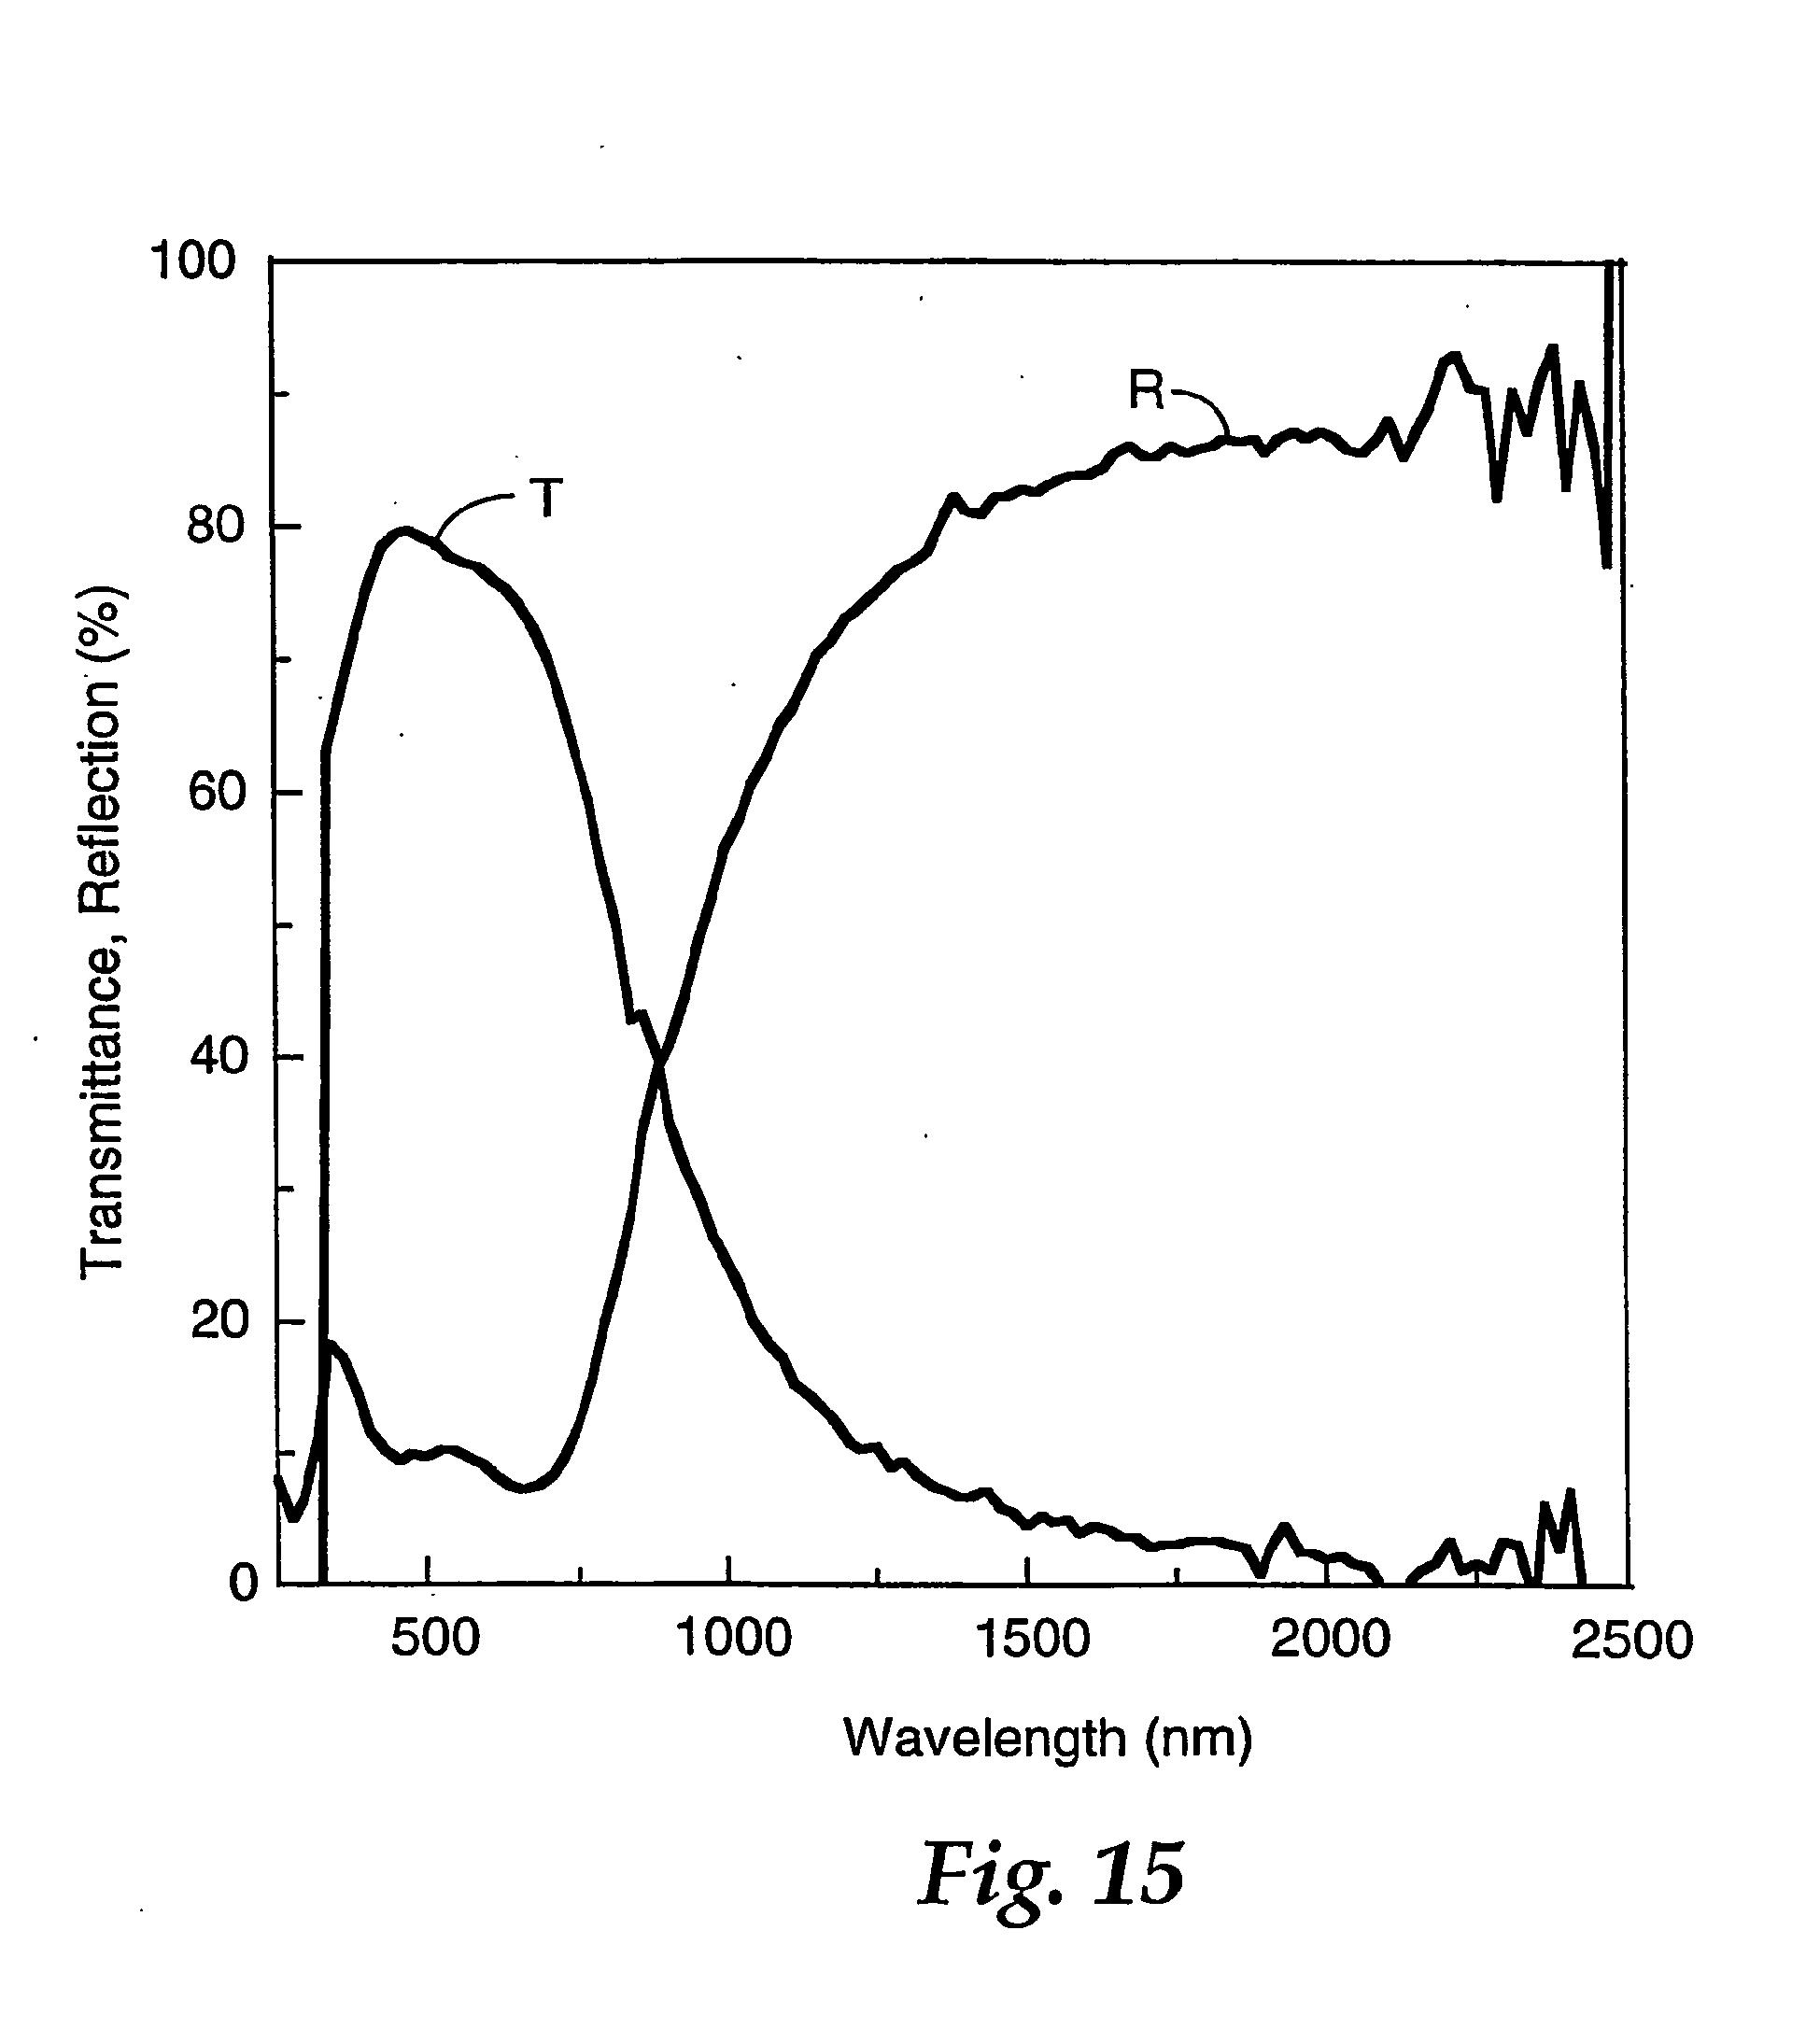 patent ep1529423b1 dauerhafte durchsichtige folie zur elektromagnetischen abschirmung google. Black Bedroom Furniture Sets. Home Design Ideas